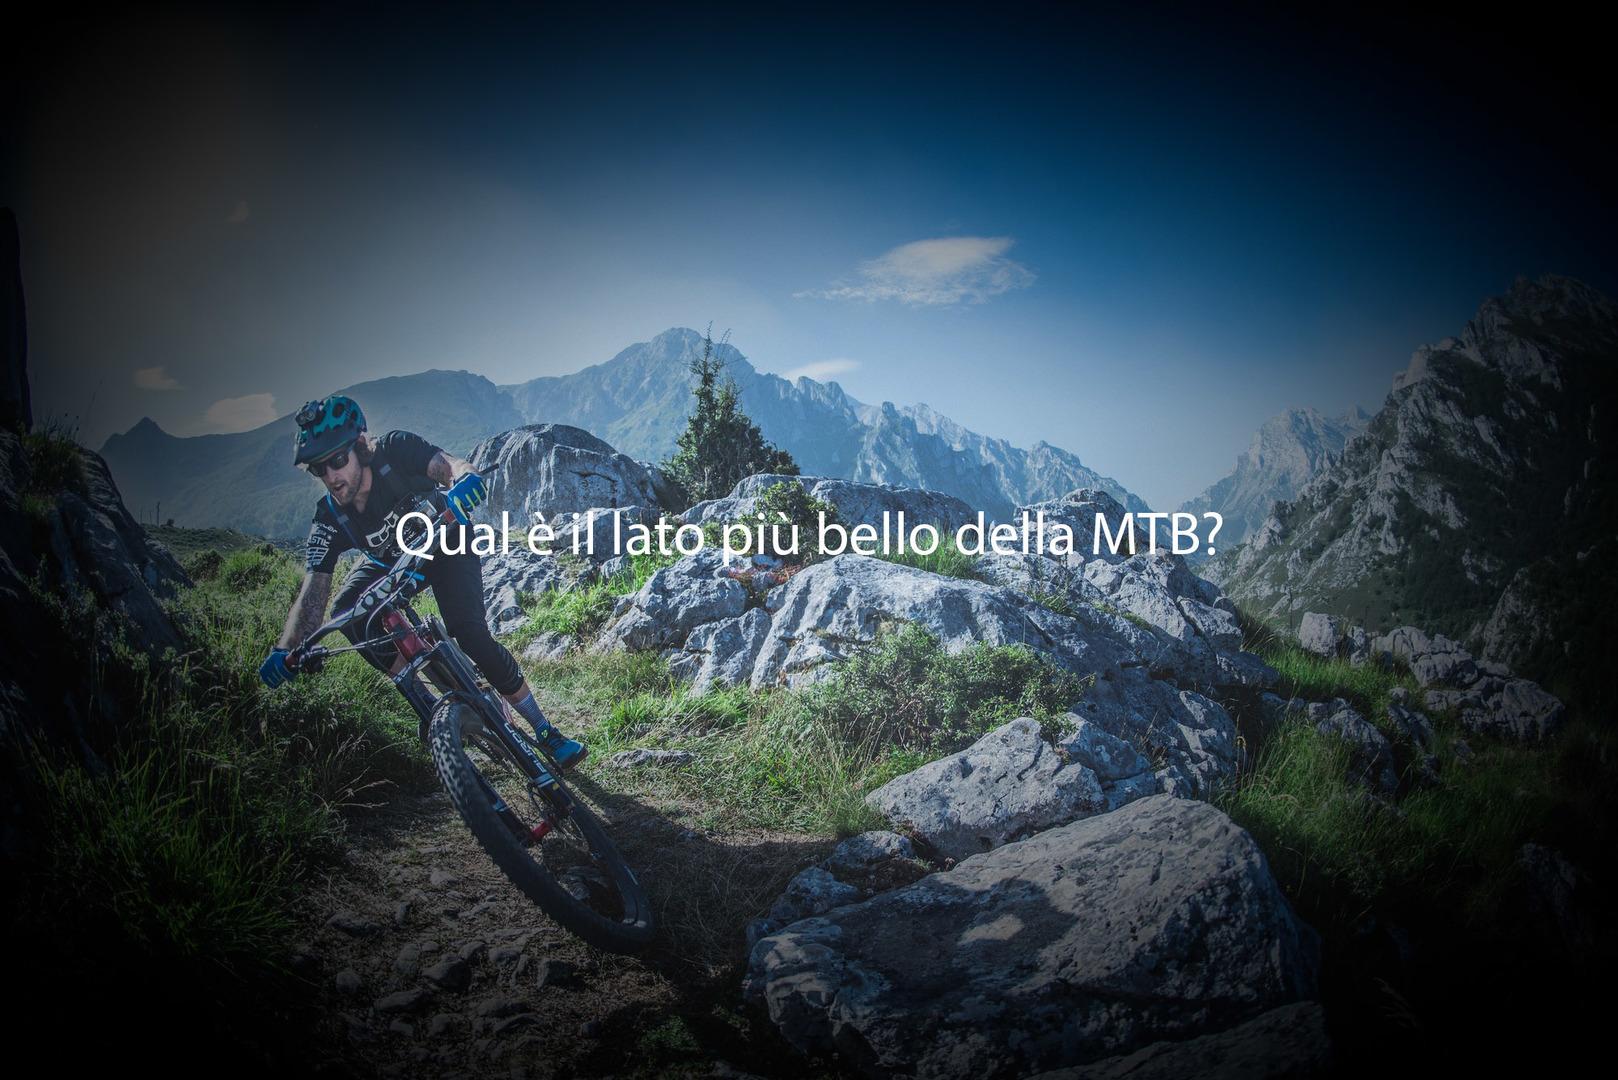 Sondaggio: Qual è il lato bello della MTB?